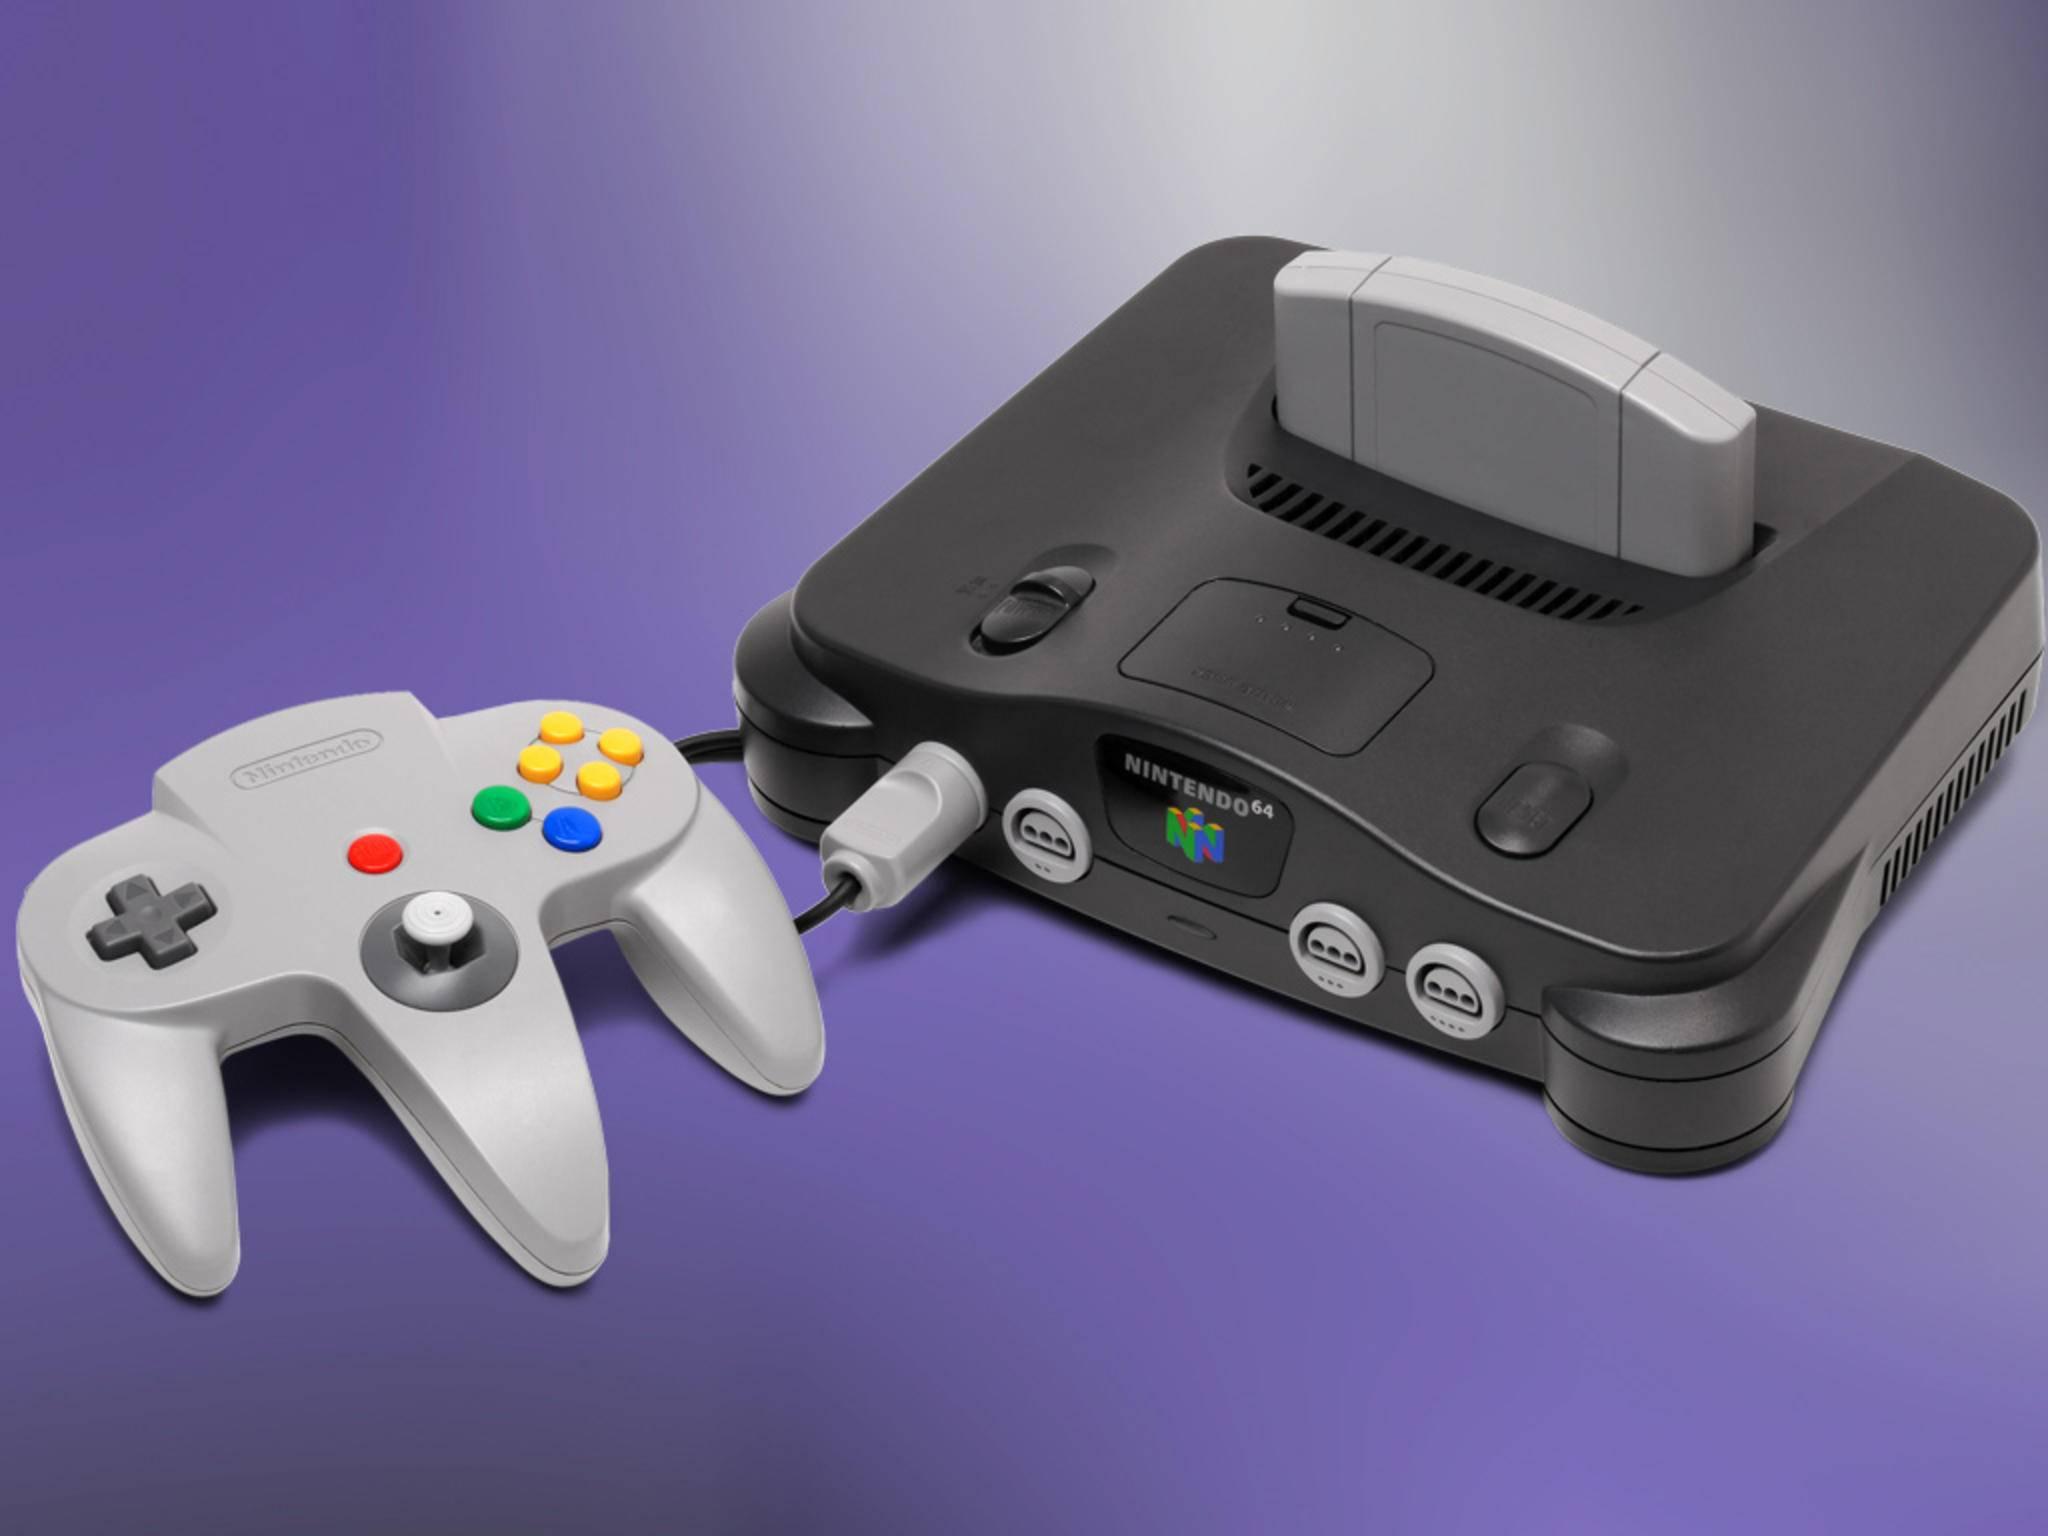 Als erste Konsole hatte der Nintendo 64 gleich vier Multiplayer-Ports.